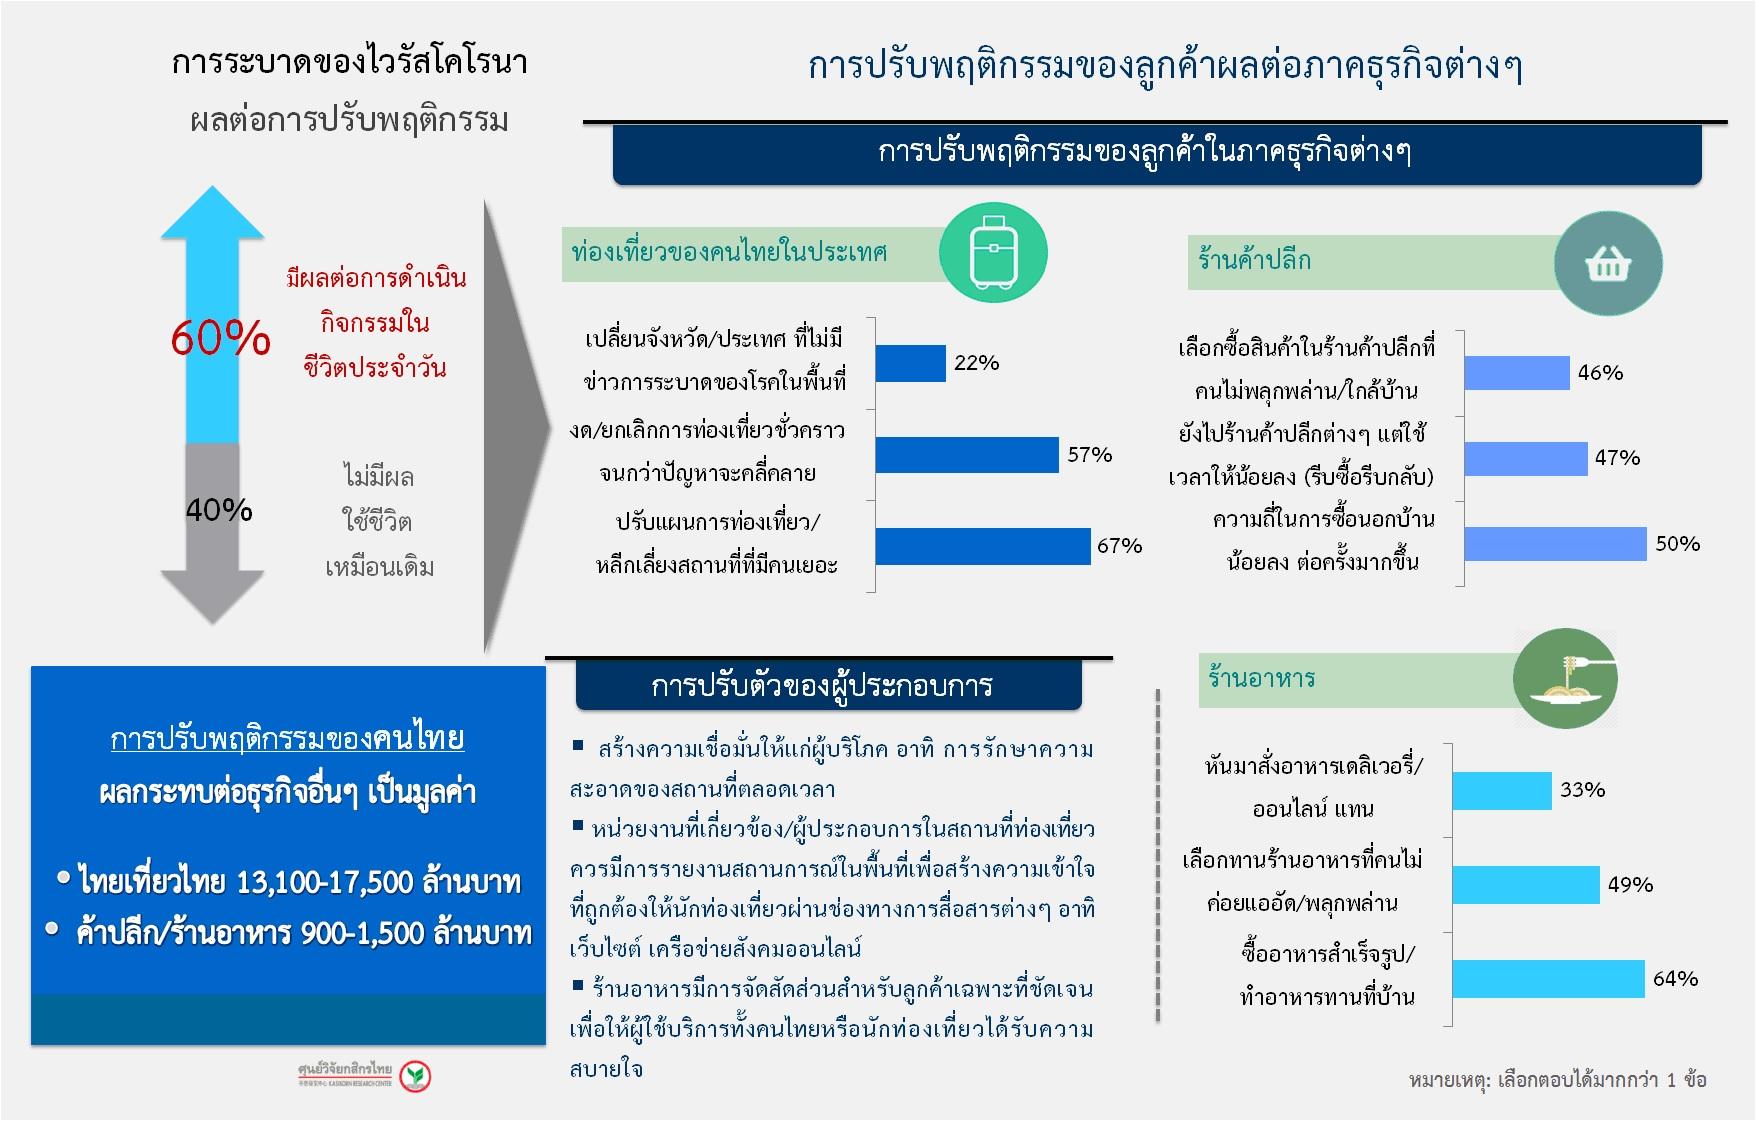 ศูนย์วิจัยกสิกรไทย คาดระยะสั้นภาคธุรกิจรับผลกระทบไวรัสโคโรนาเกือบ 2 หมื่นลบ.